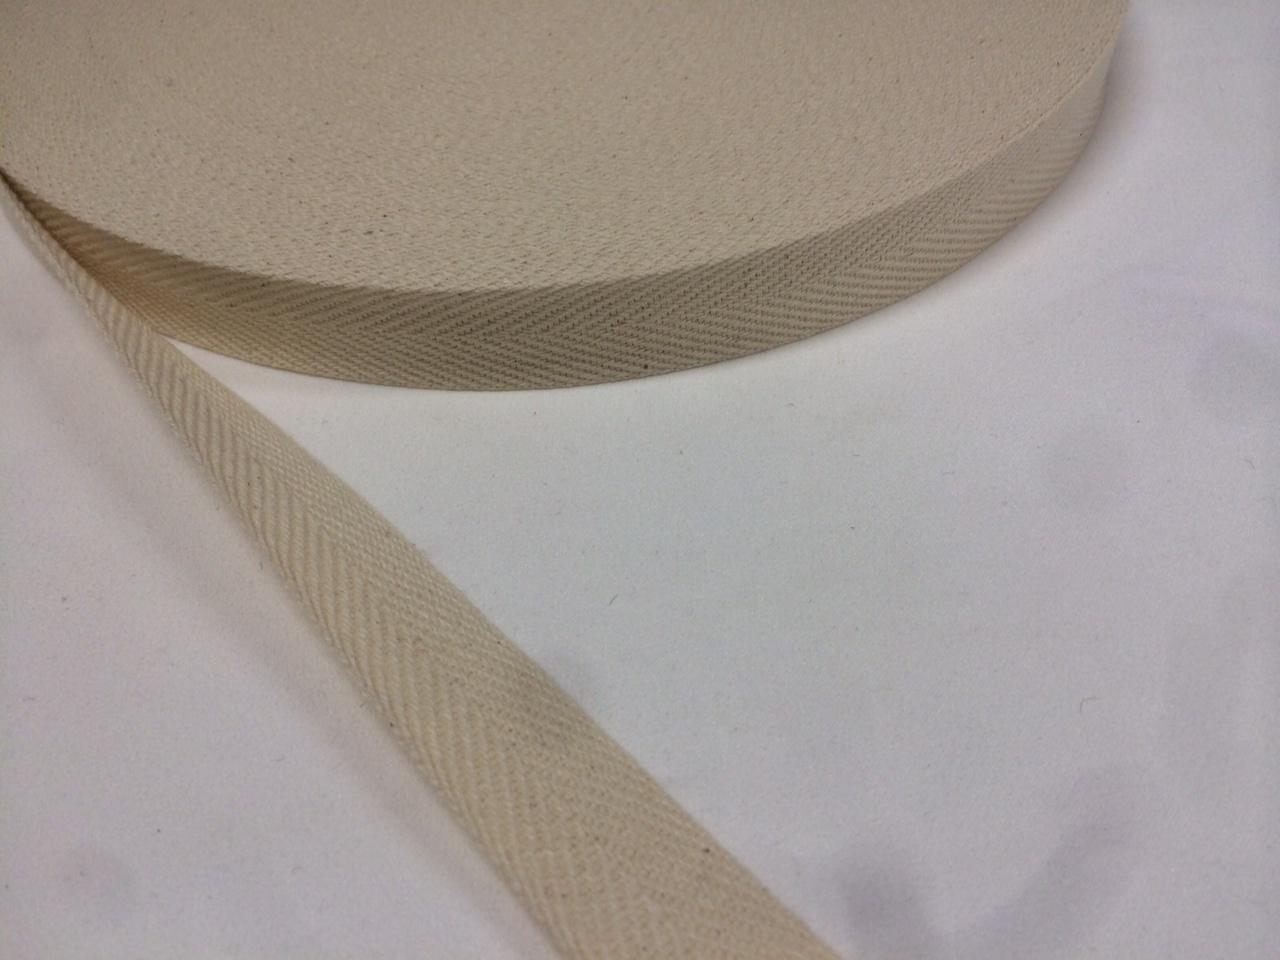 綿 コットン 杉綾 (綾テープ) 1㎜厚 30㎜幅 50m巻